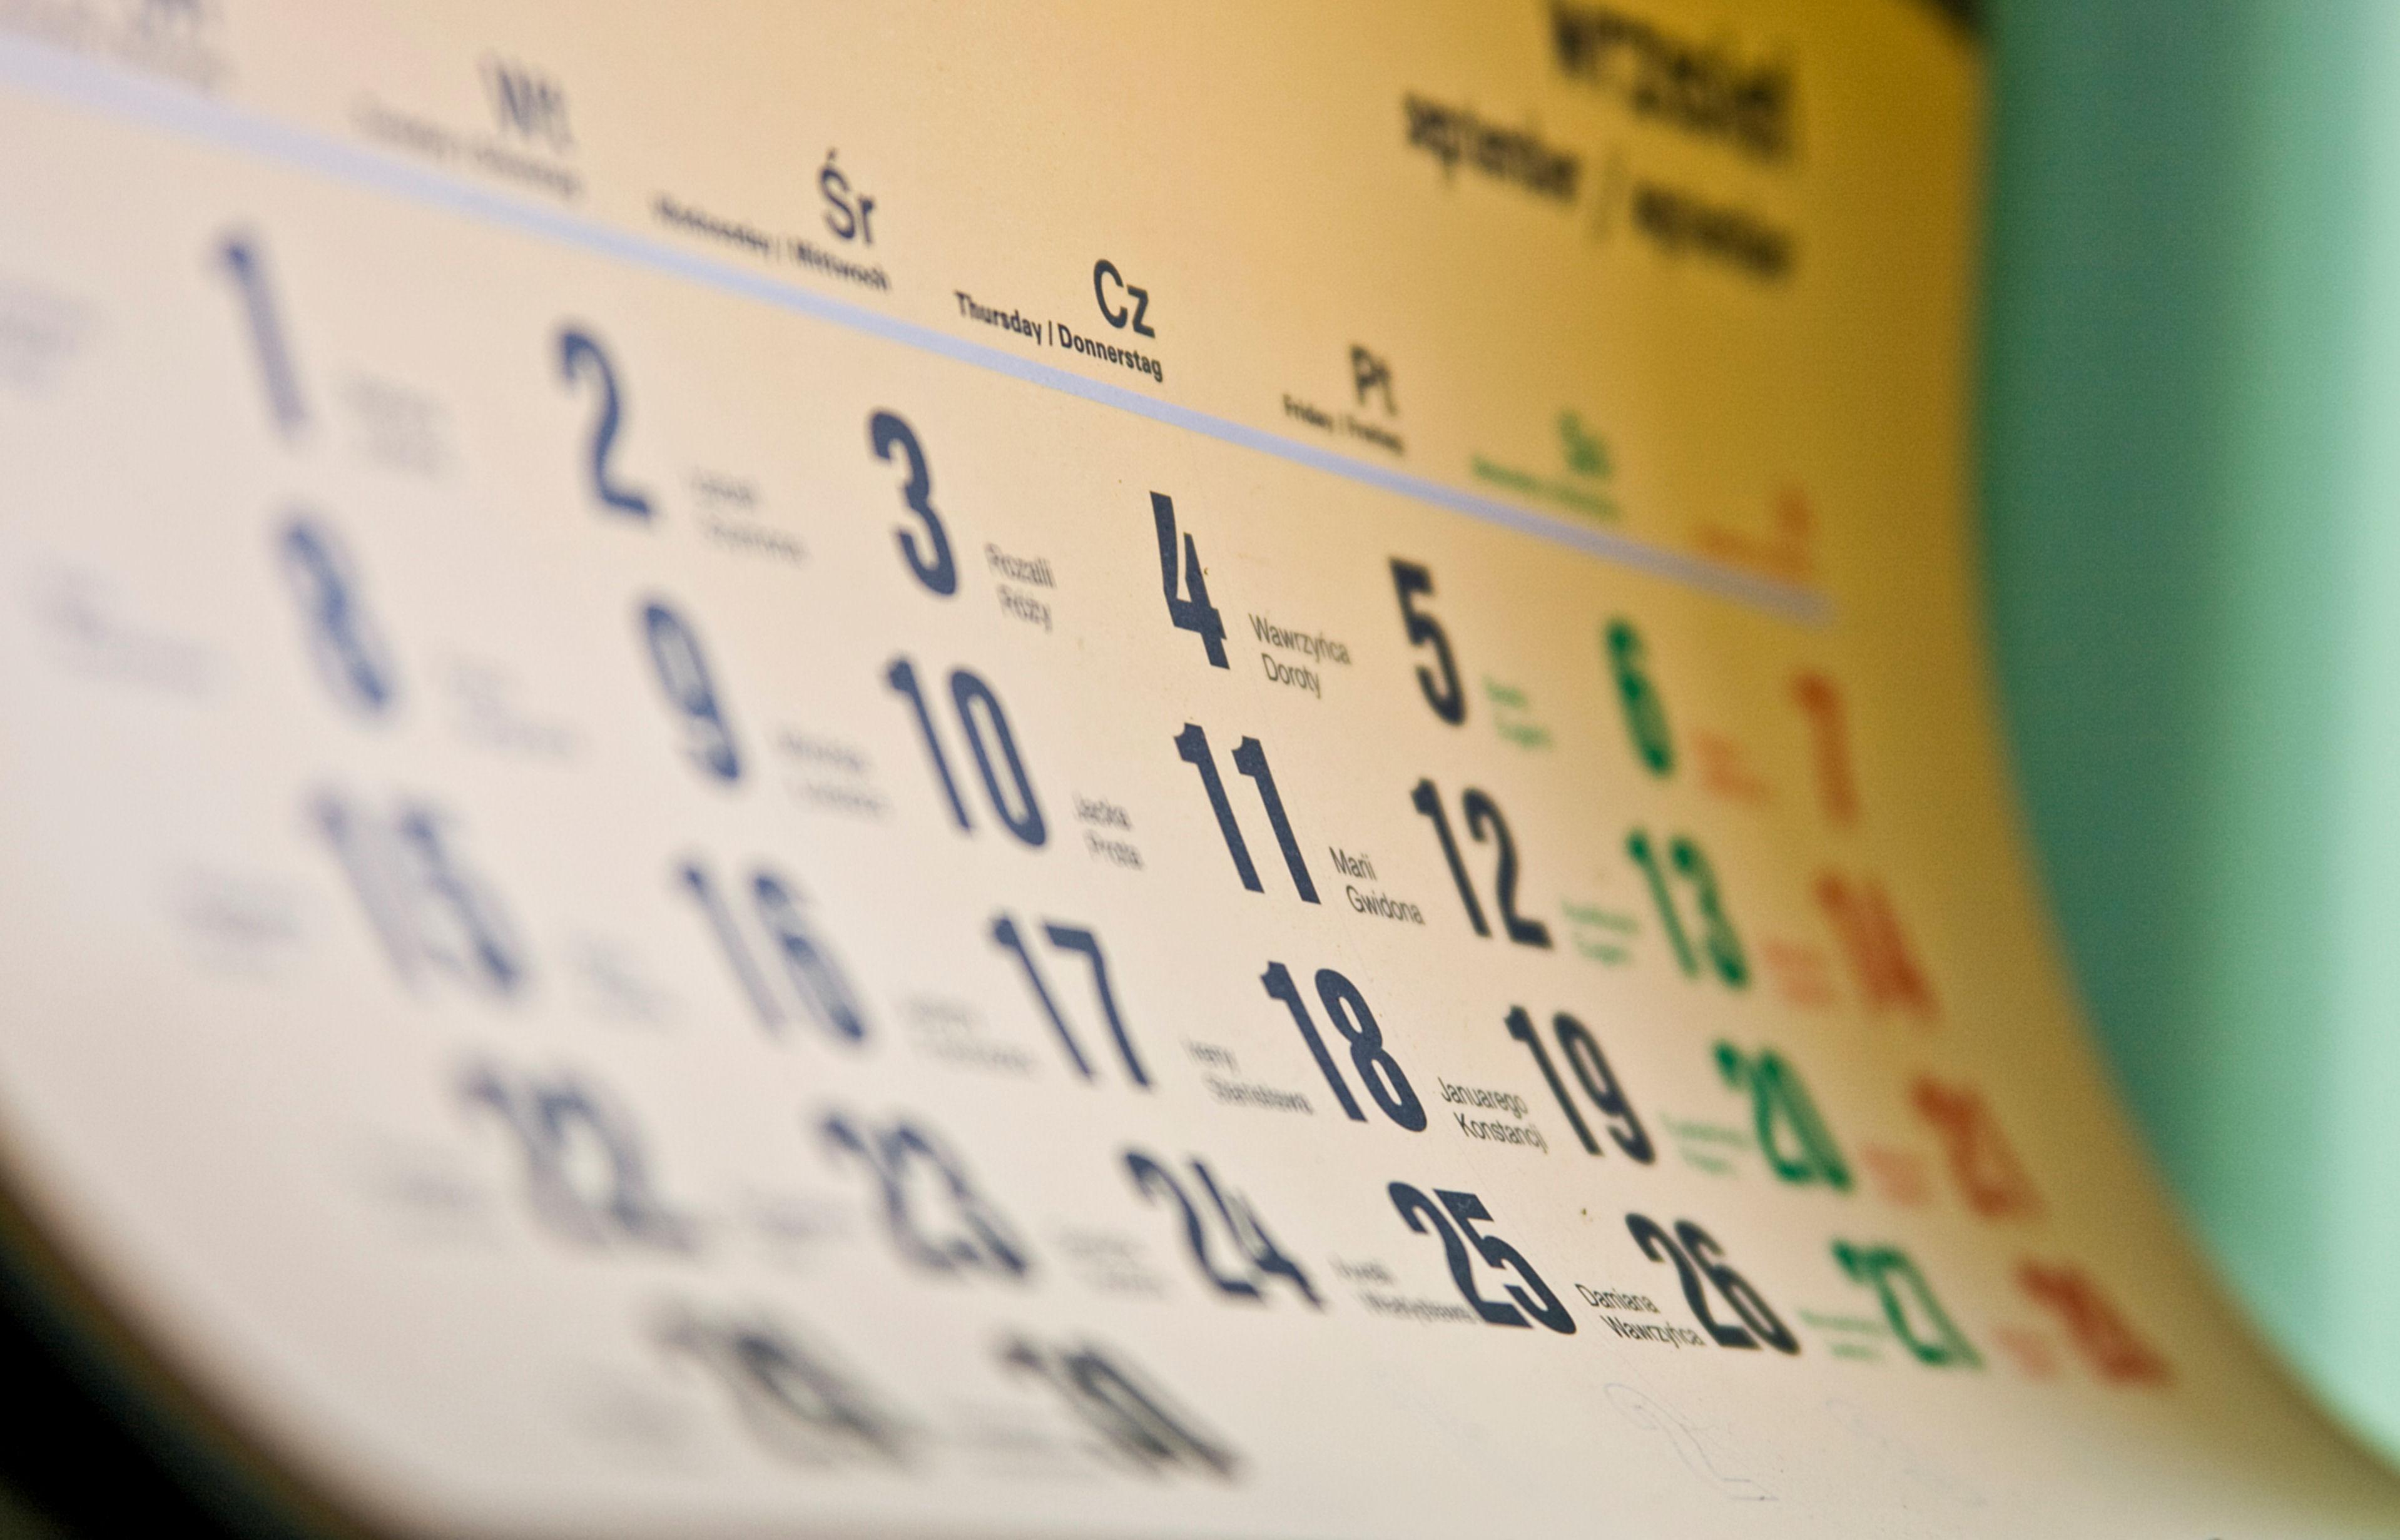 rytmysezonowekalendarz